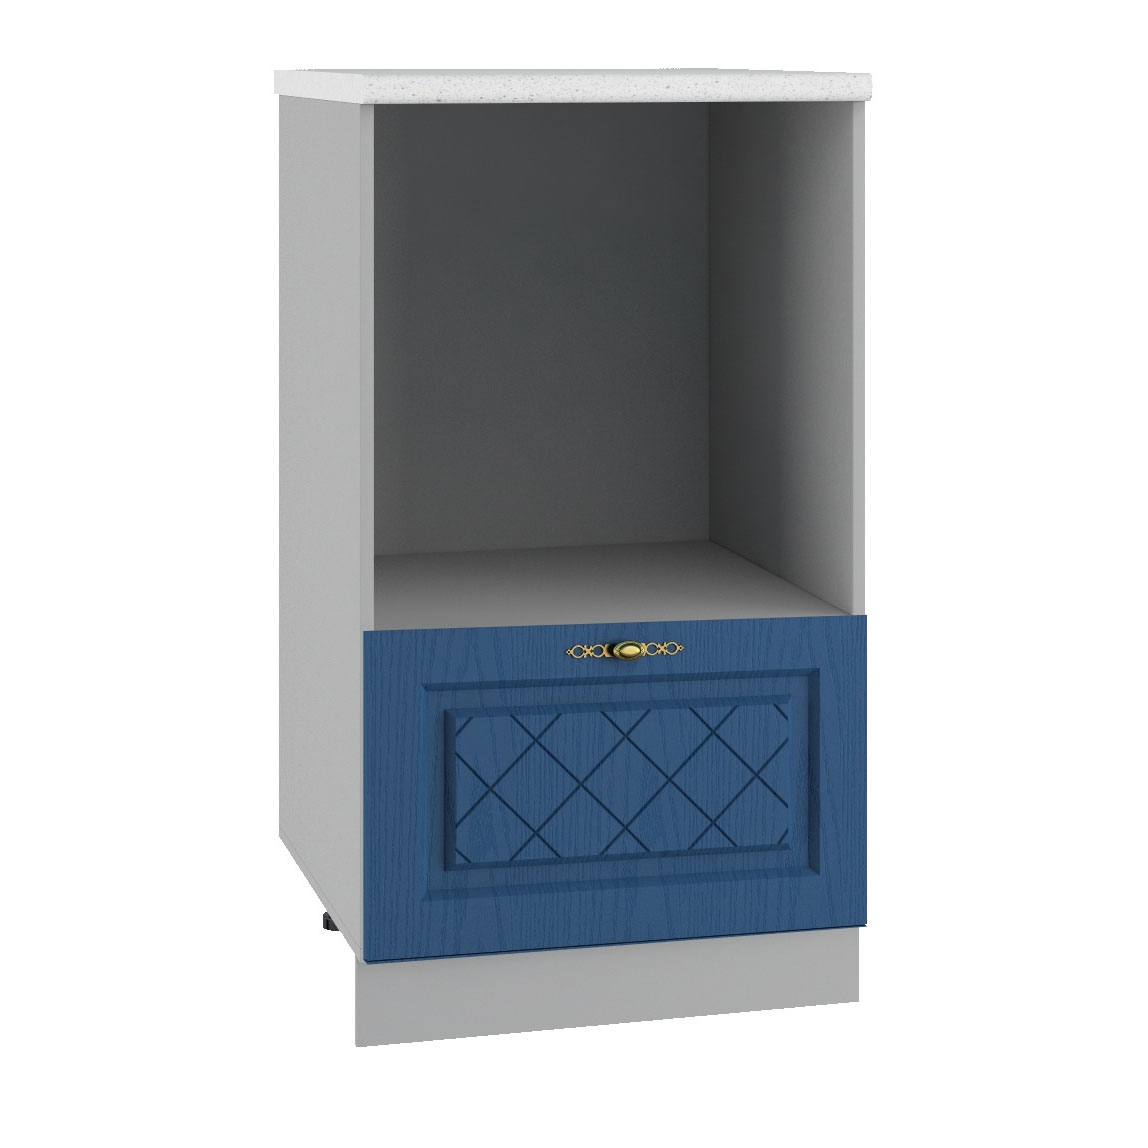 Кухня Гранд СН 600 Шкаф под микроволновку